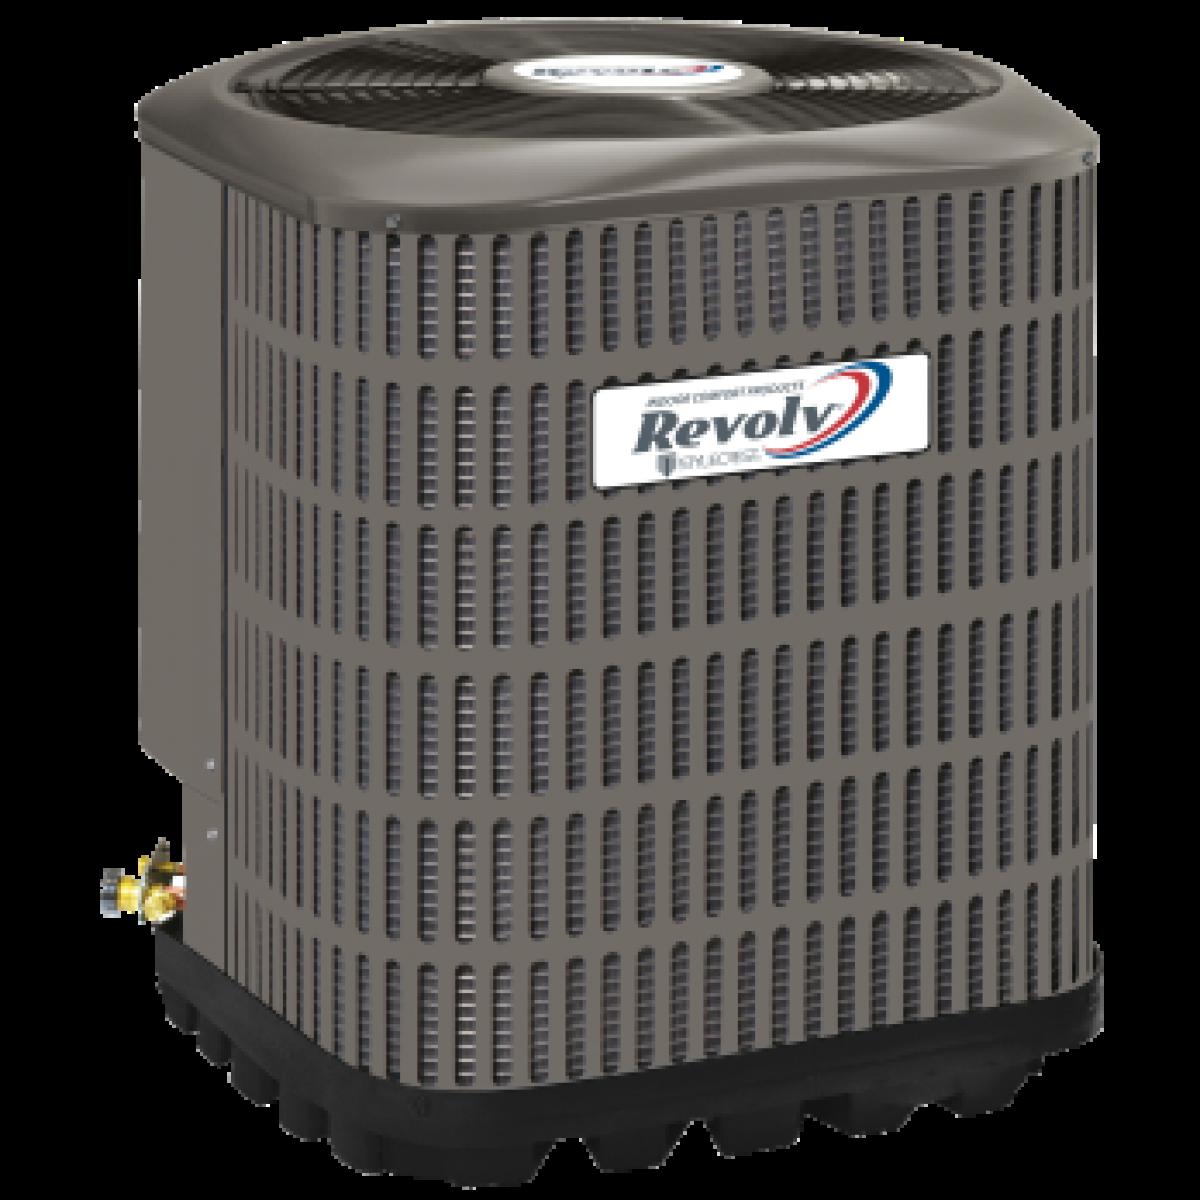 Revolv 4 0 T 14 Seer Heat Pump Condenser Condensers